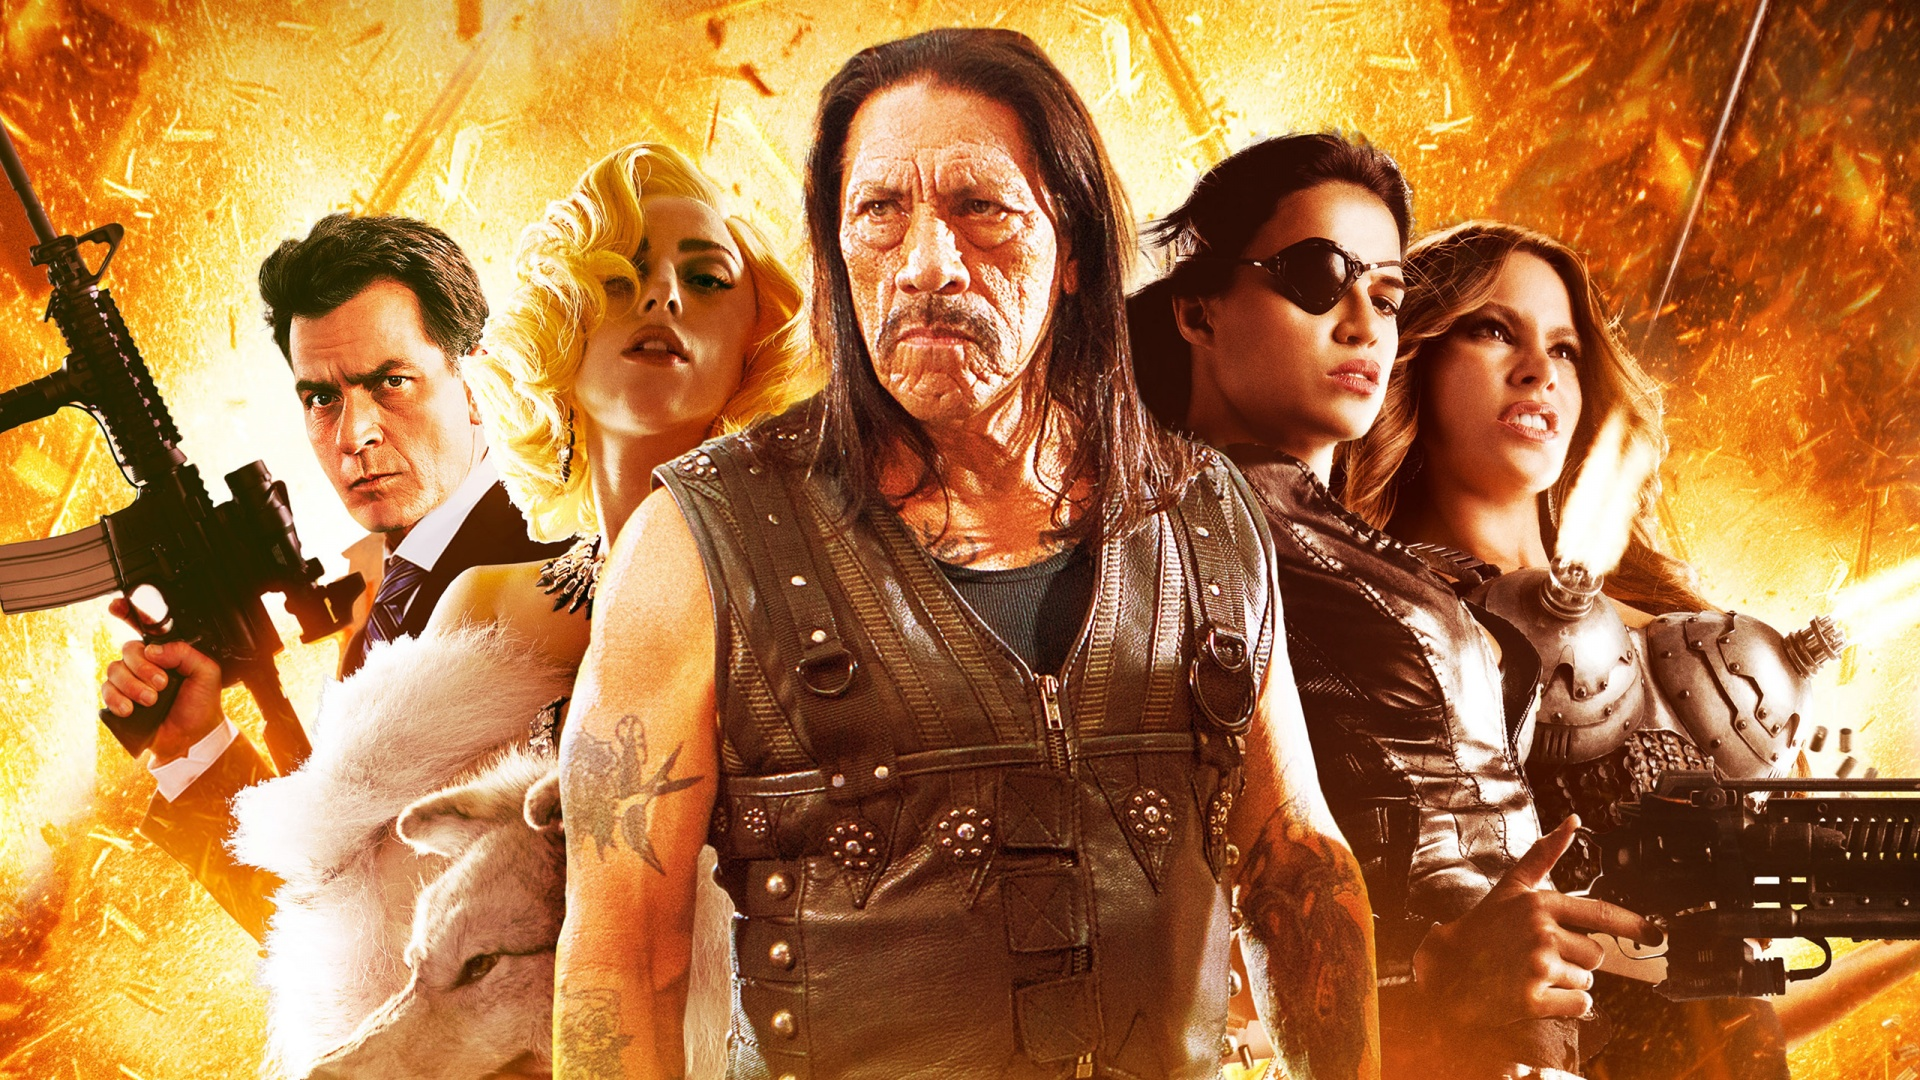 machete-kills-2013-movie-poster-wallpaper